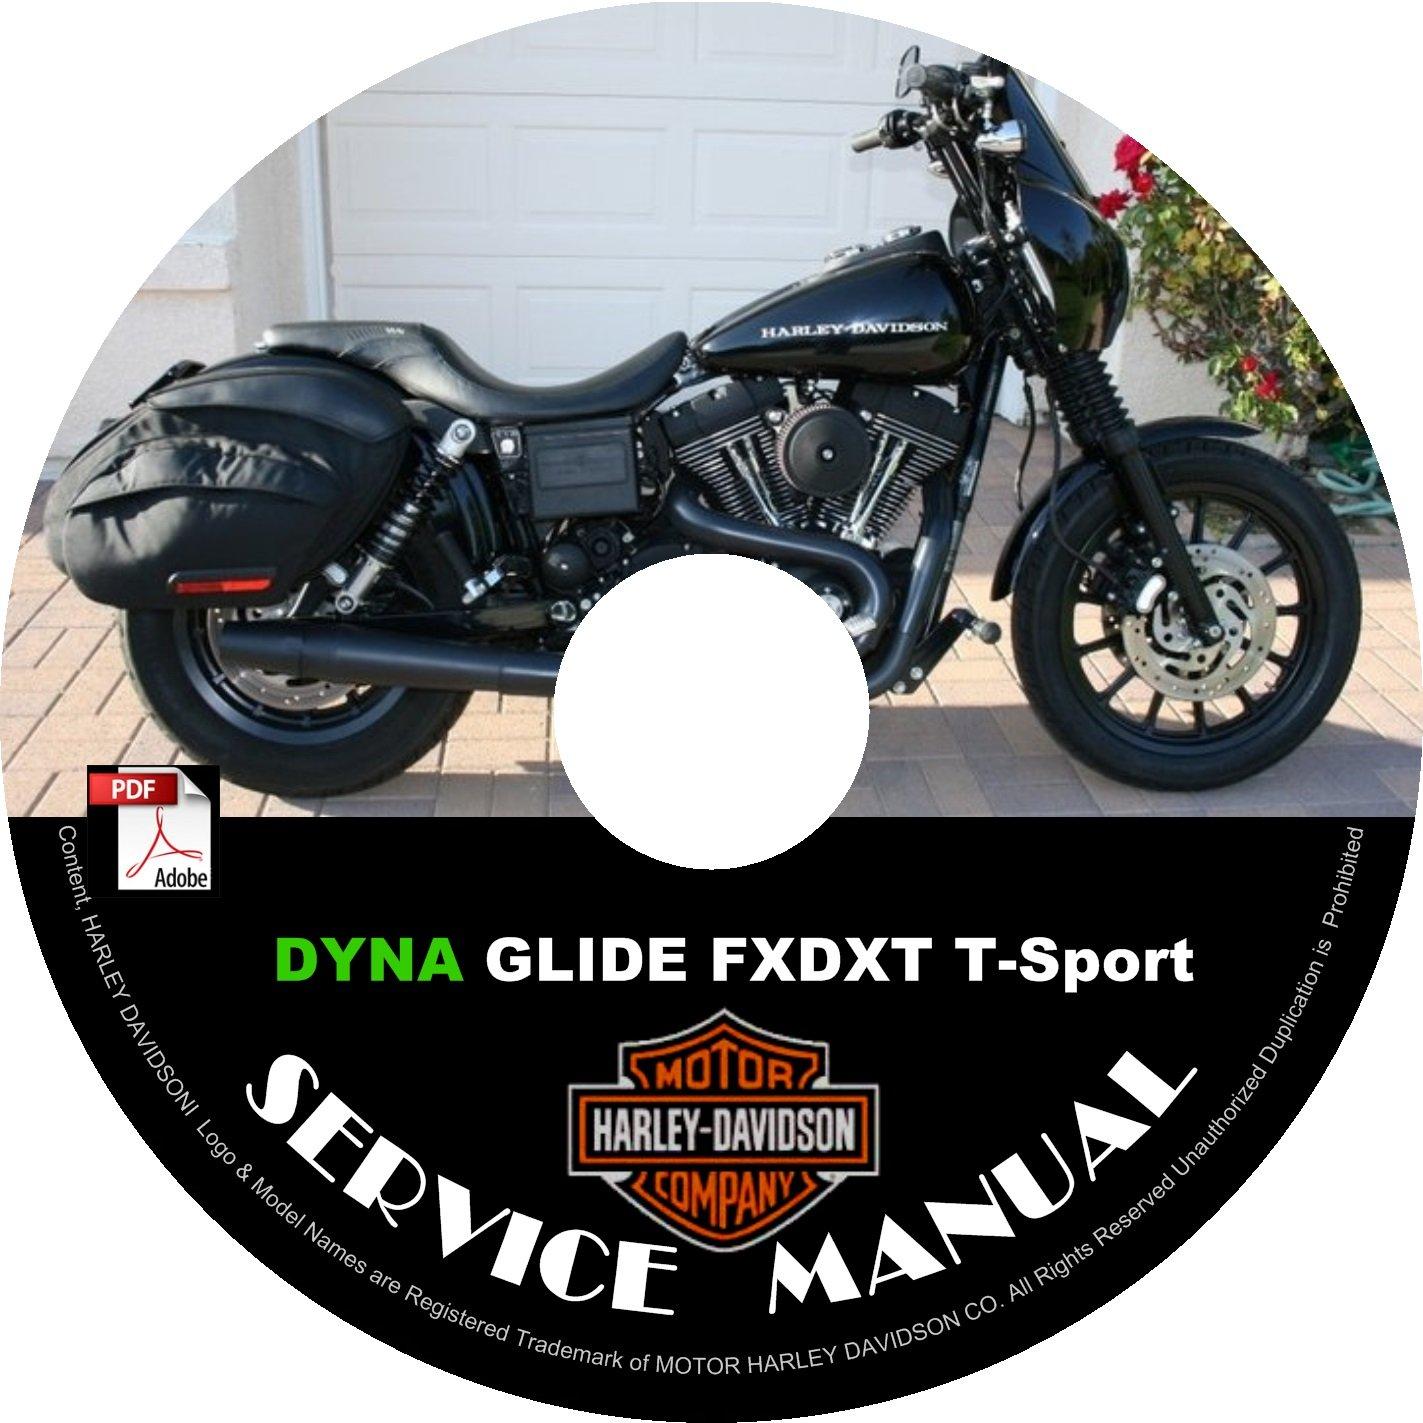 2000 Harley Davidson DYNA GLIDE FXDXT T-Sport Service Repair Shop Manual on CD Fix Rebuild Workshop